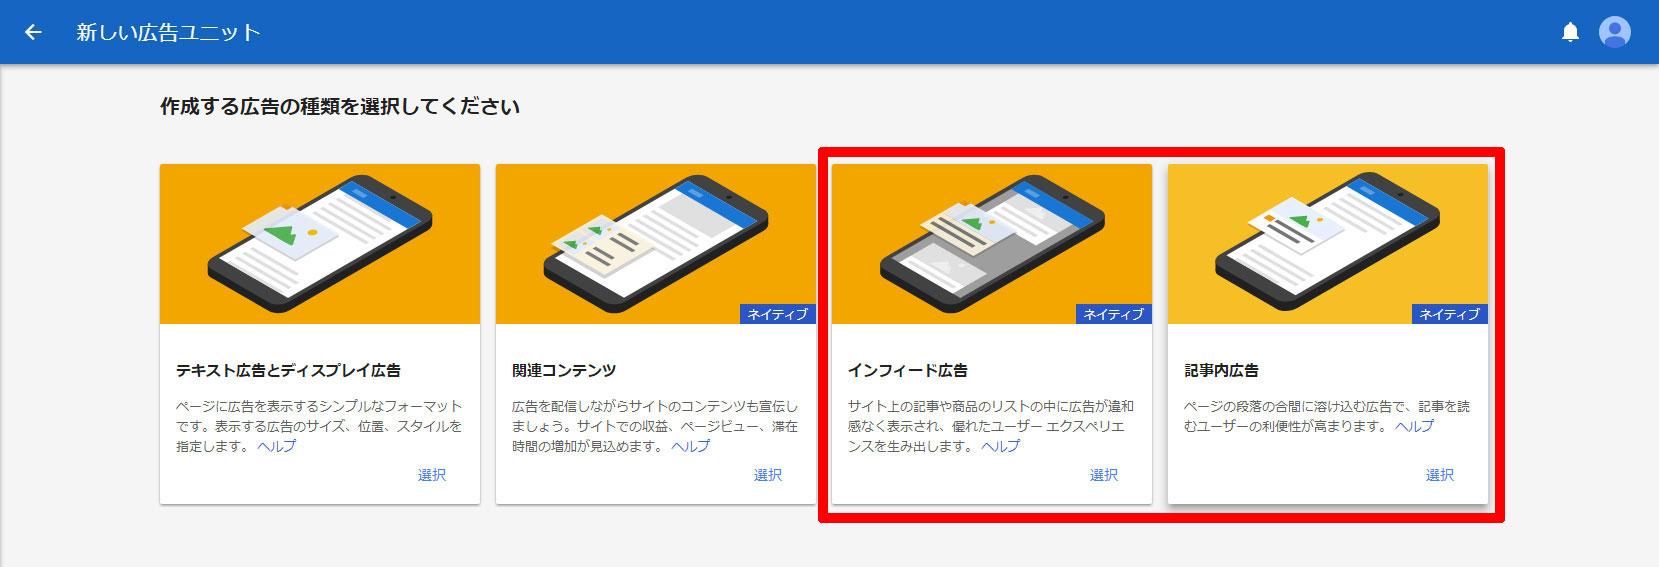 AdSenseネイティブ広告フォーマット